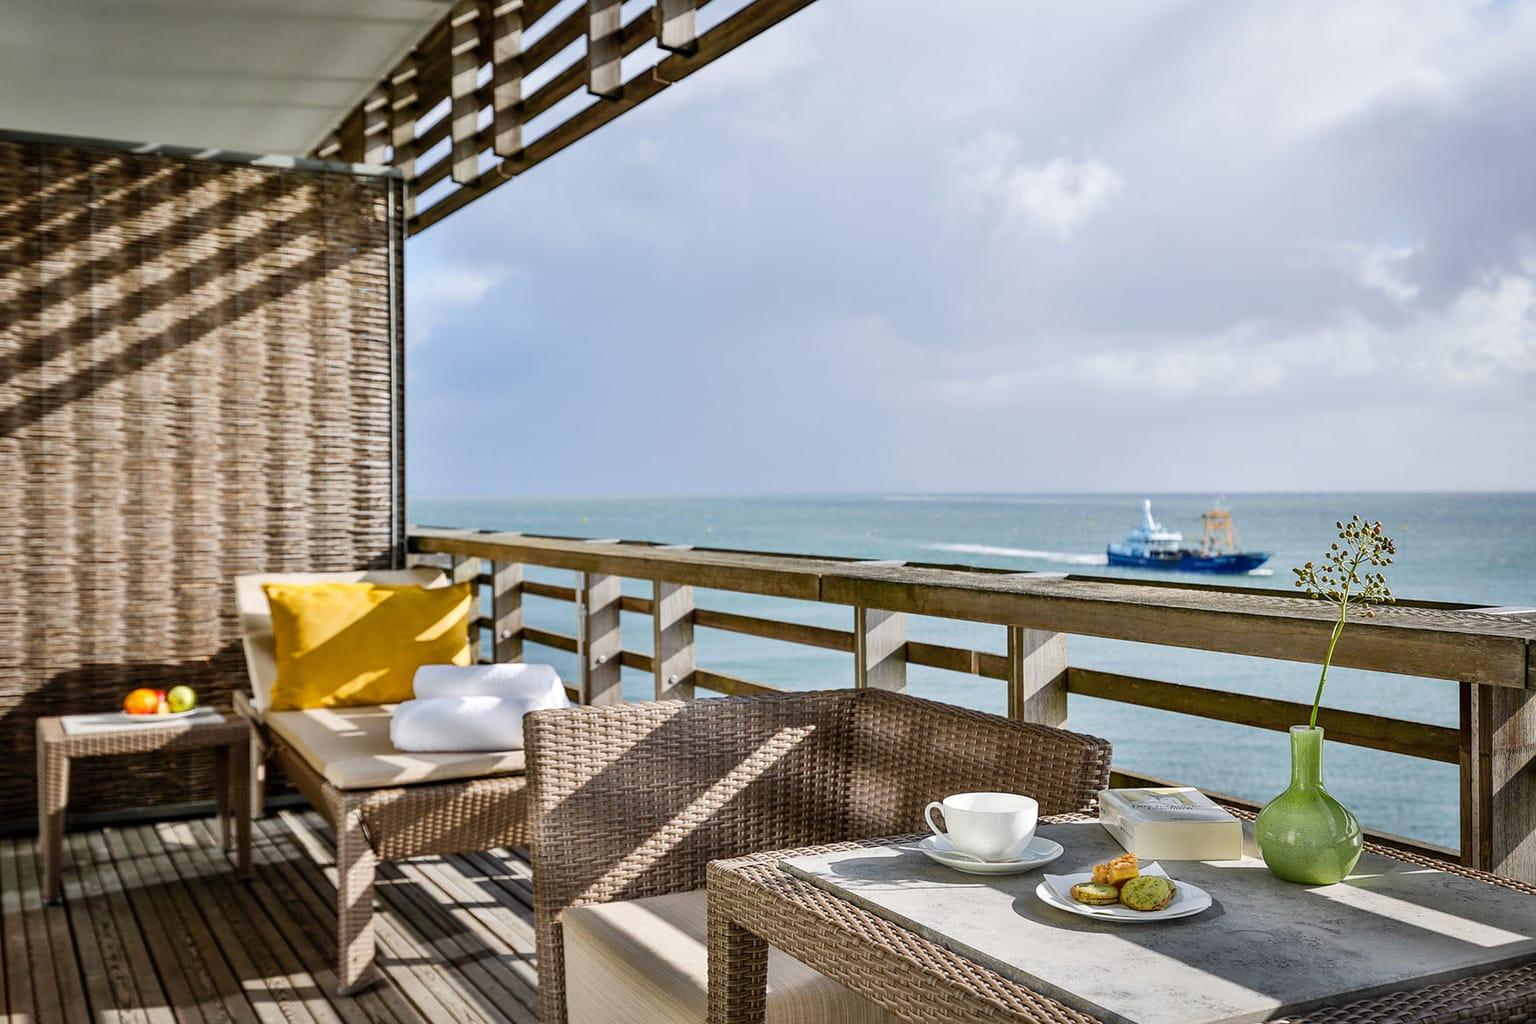 Balkon van een suite in het Budersand Hotel op Sylt met uitzicht op schepen